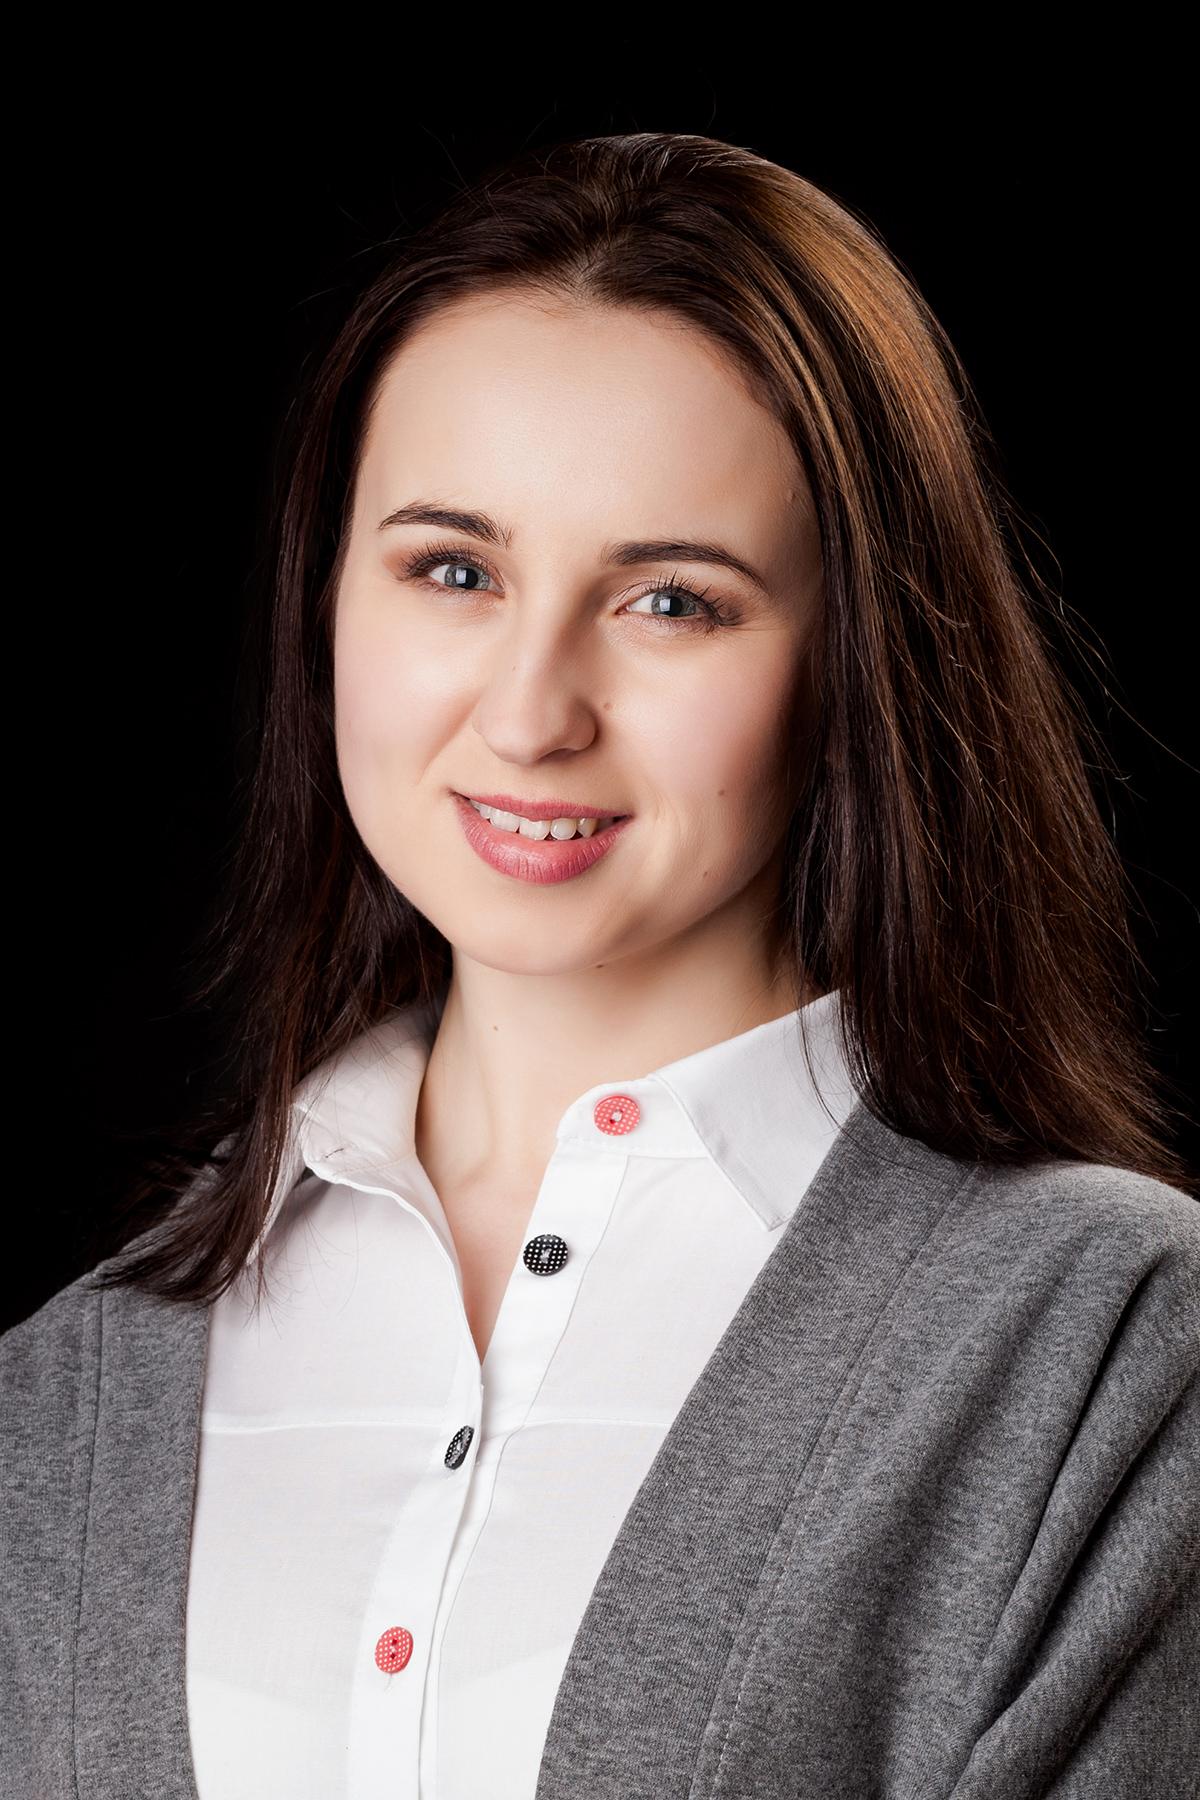 fotografia korporacyjna bielsko 1 Portret biznesowy Bielsko